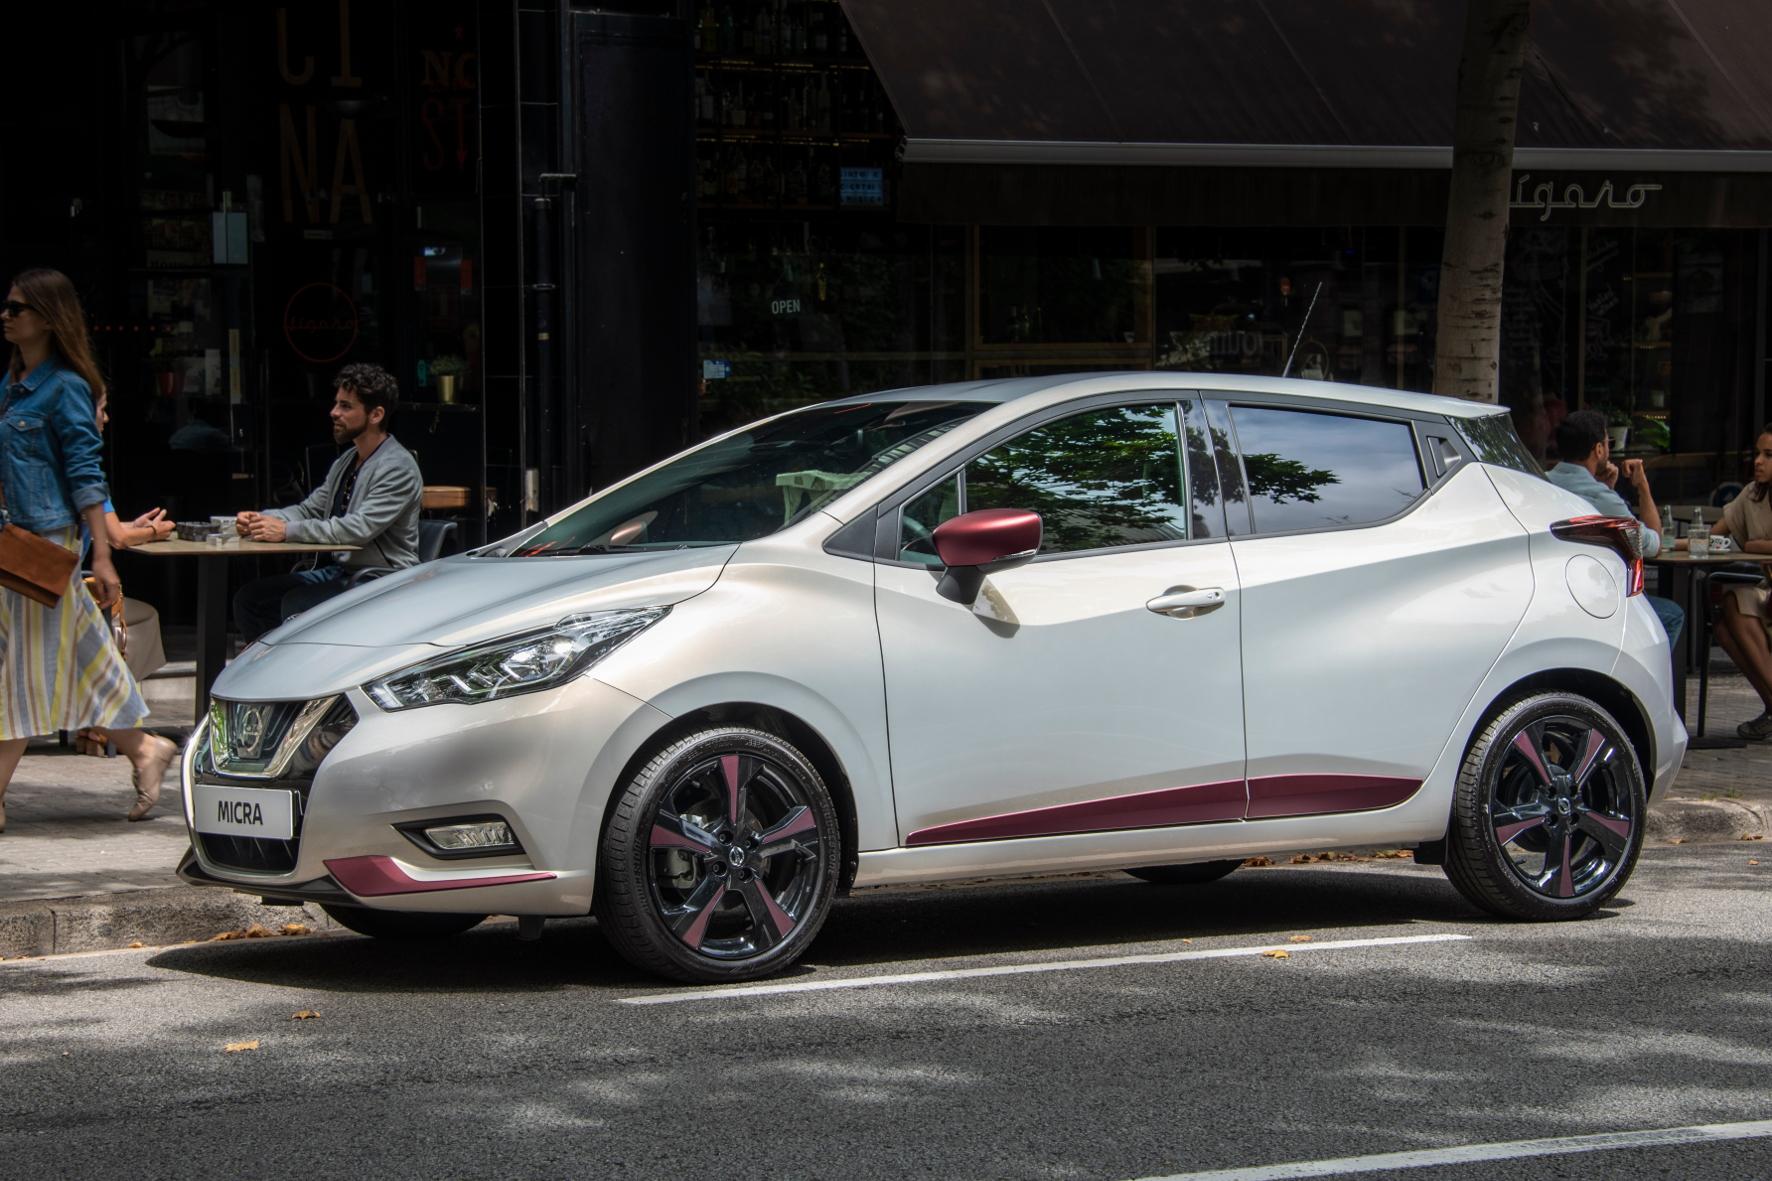 mid Groß-Gerau - Limitiert auf 550 Stück: der Nissan Micra N-Style. Nissan